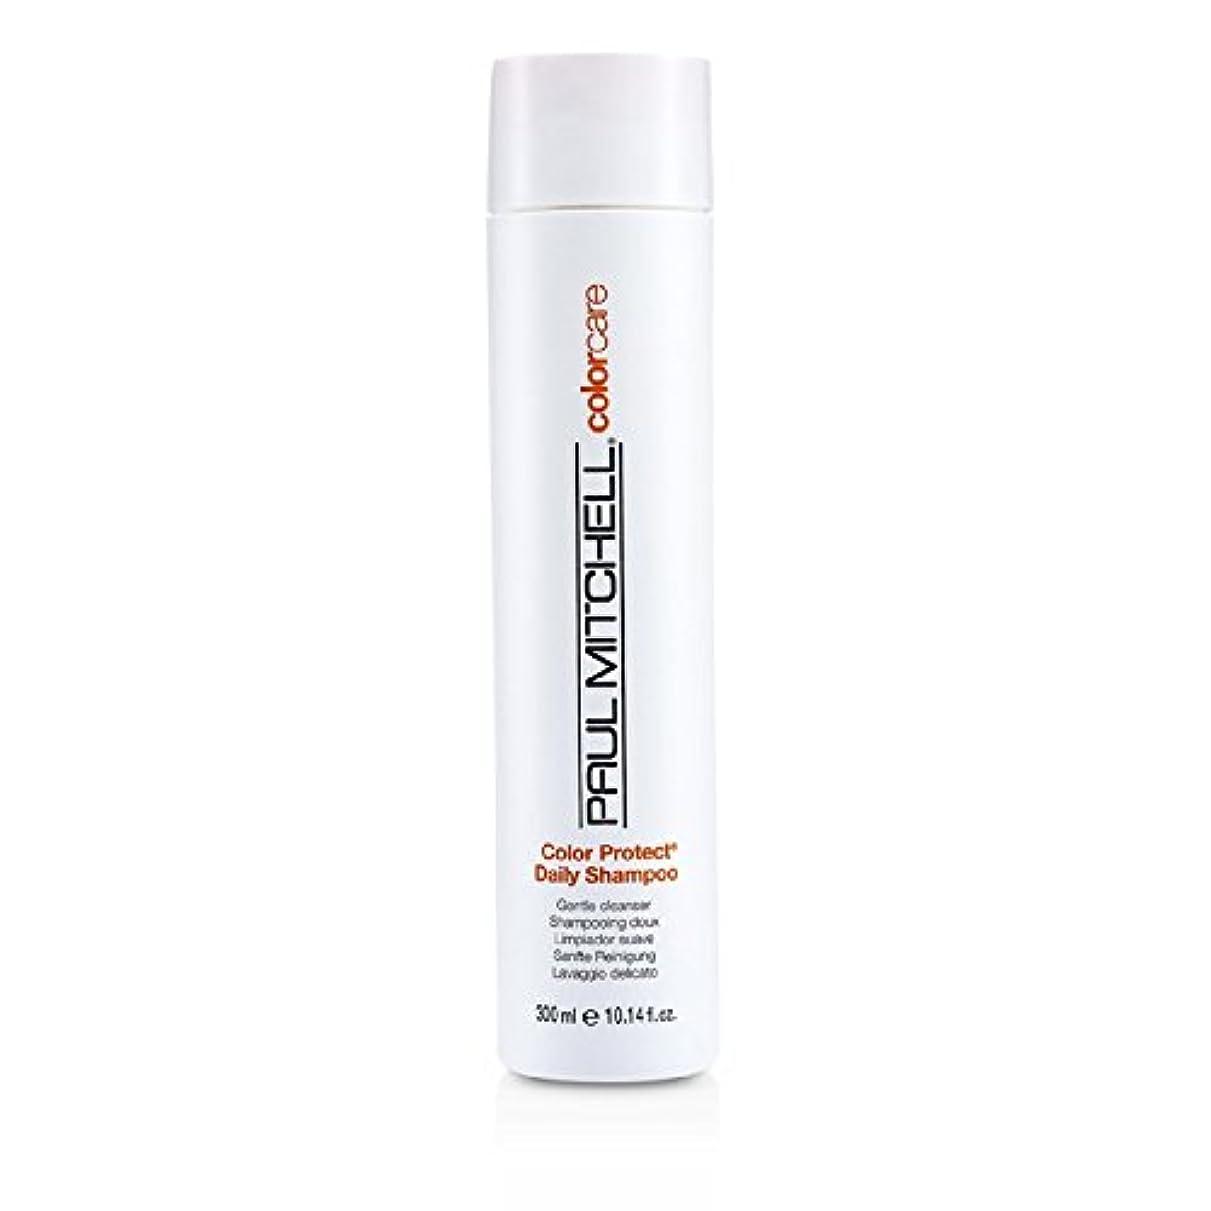 封建まだらナースポール ミッチェル Color Protect Daily Shampoo (Gentle Cleanser) 300ml/10.14oz並行輸入品